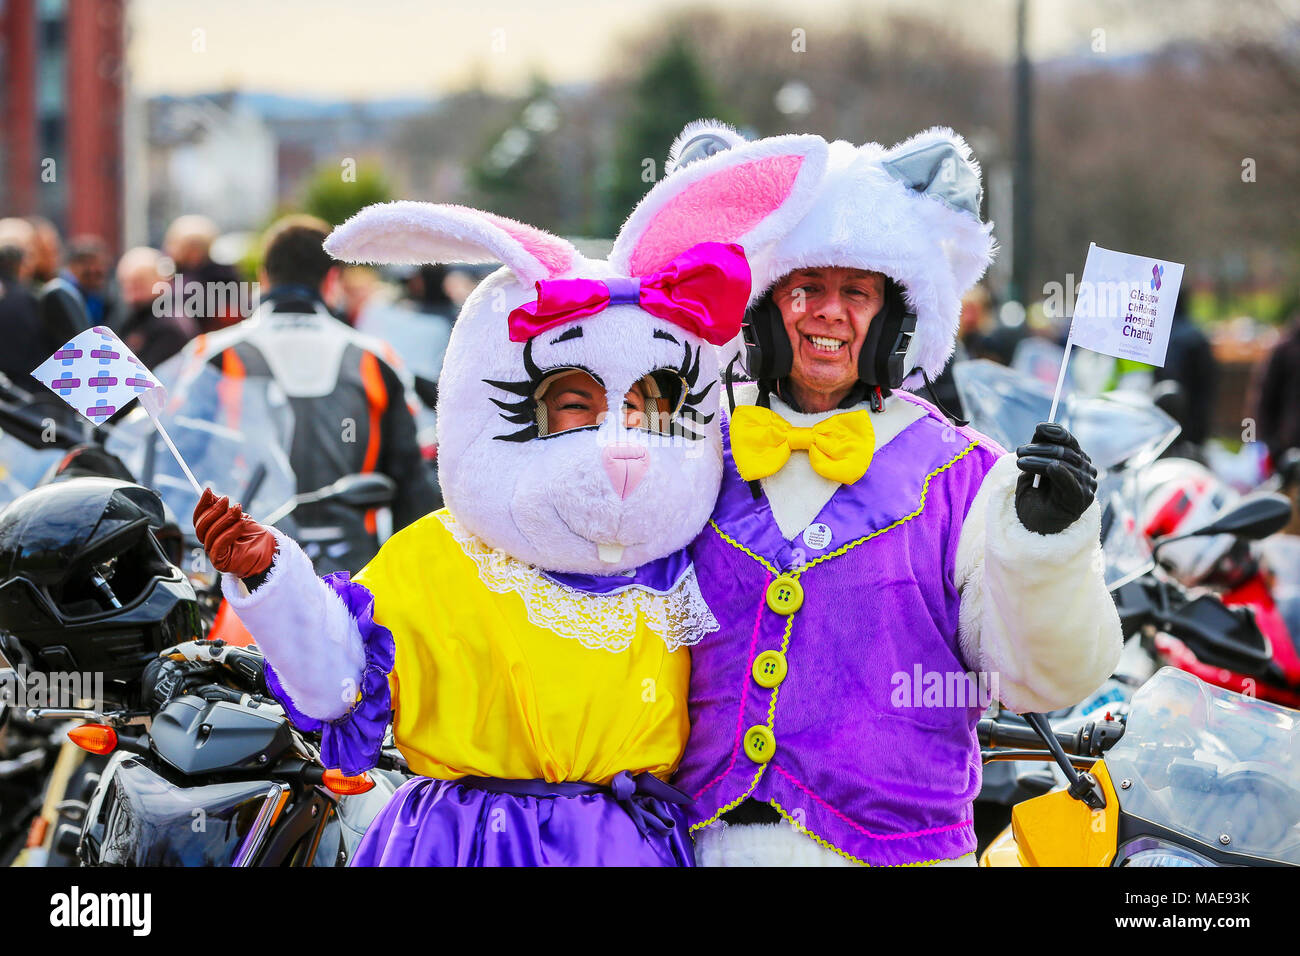 Più di 1000 moto molti in costumi di fantasia come conigli pasquali 47e3f2c53e8